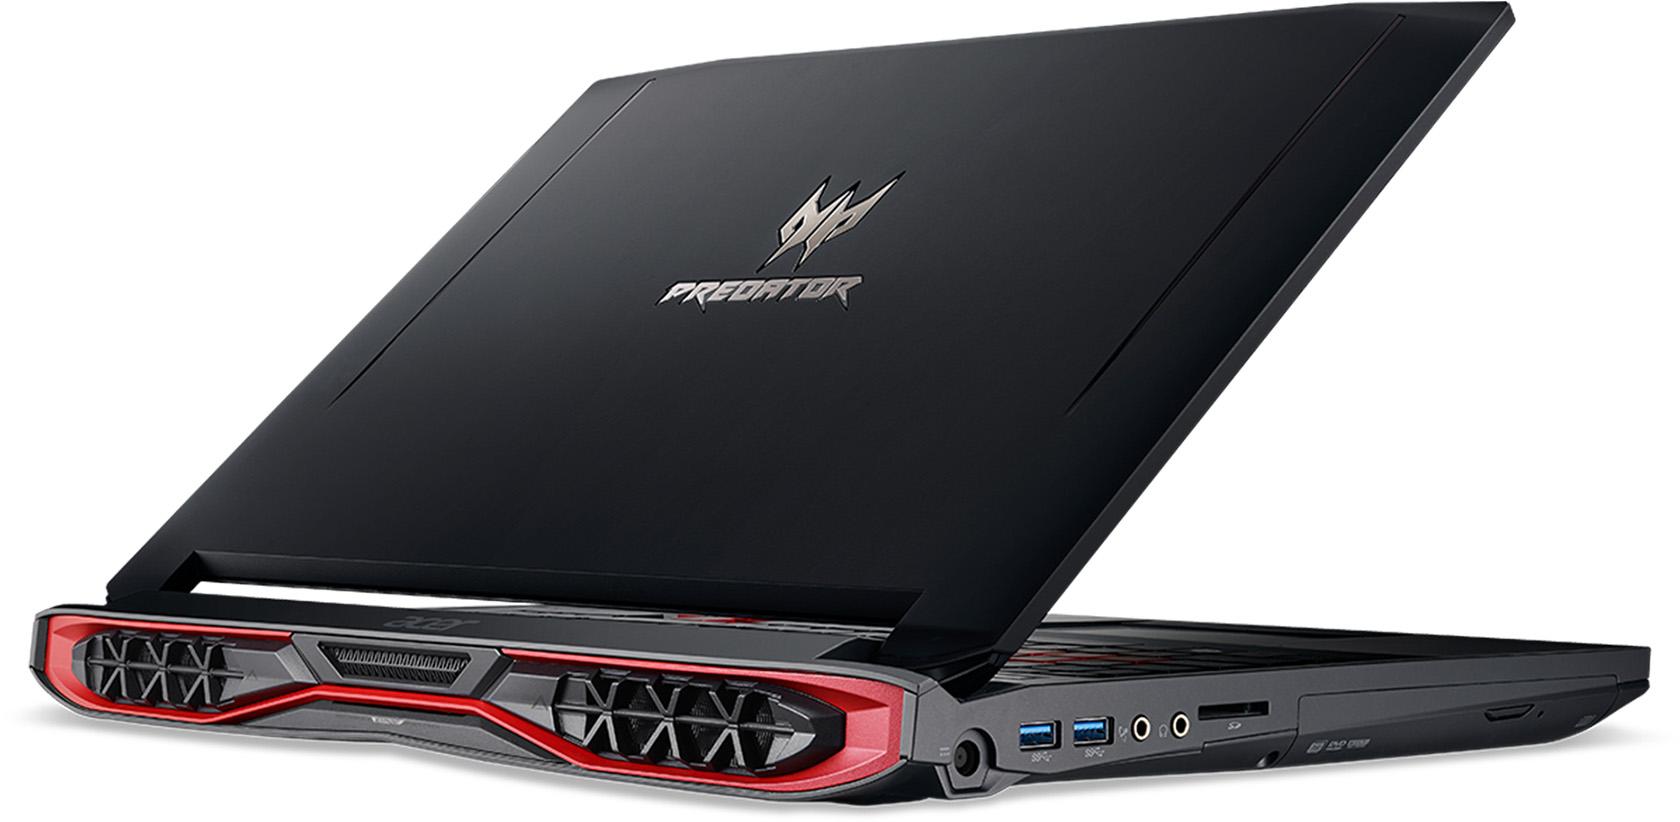 Dell Precision M5510, Acer Predator 15, MSI GS73VR 7RF Stealth Pro .. - 6